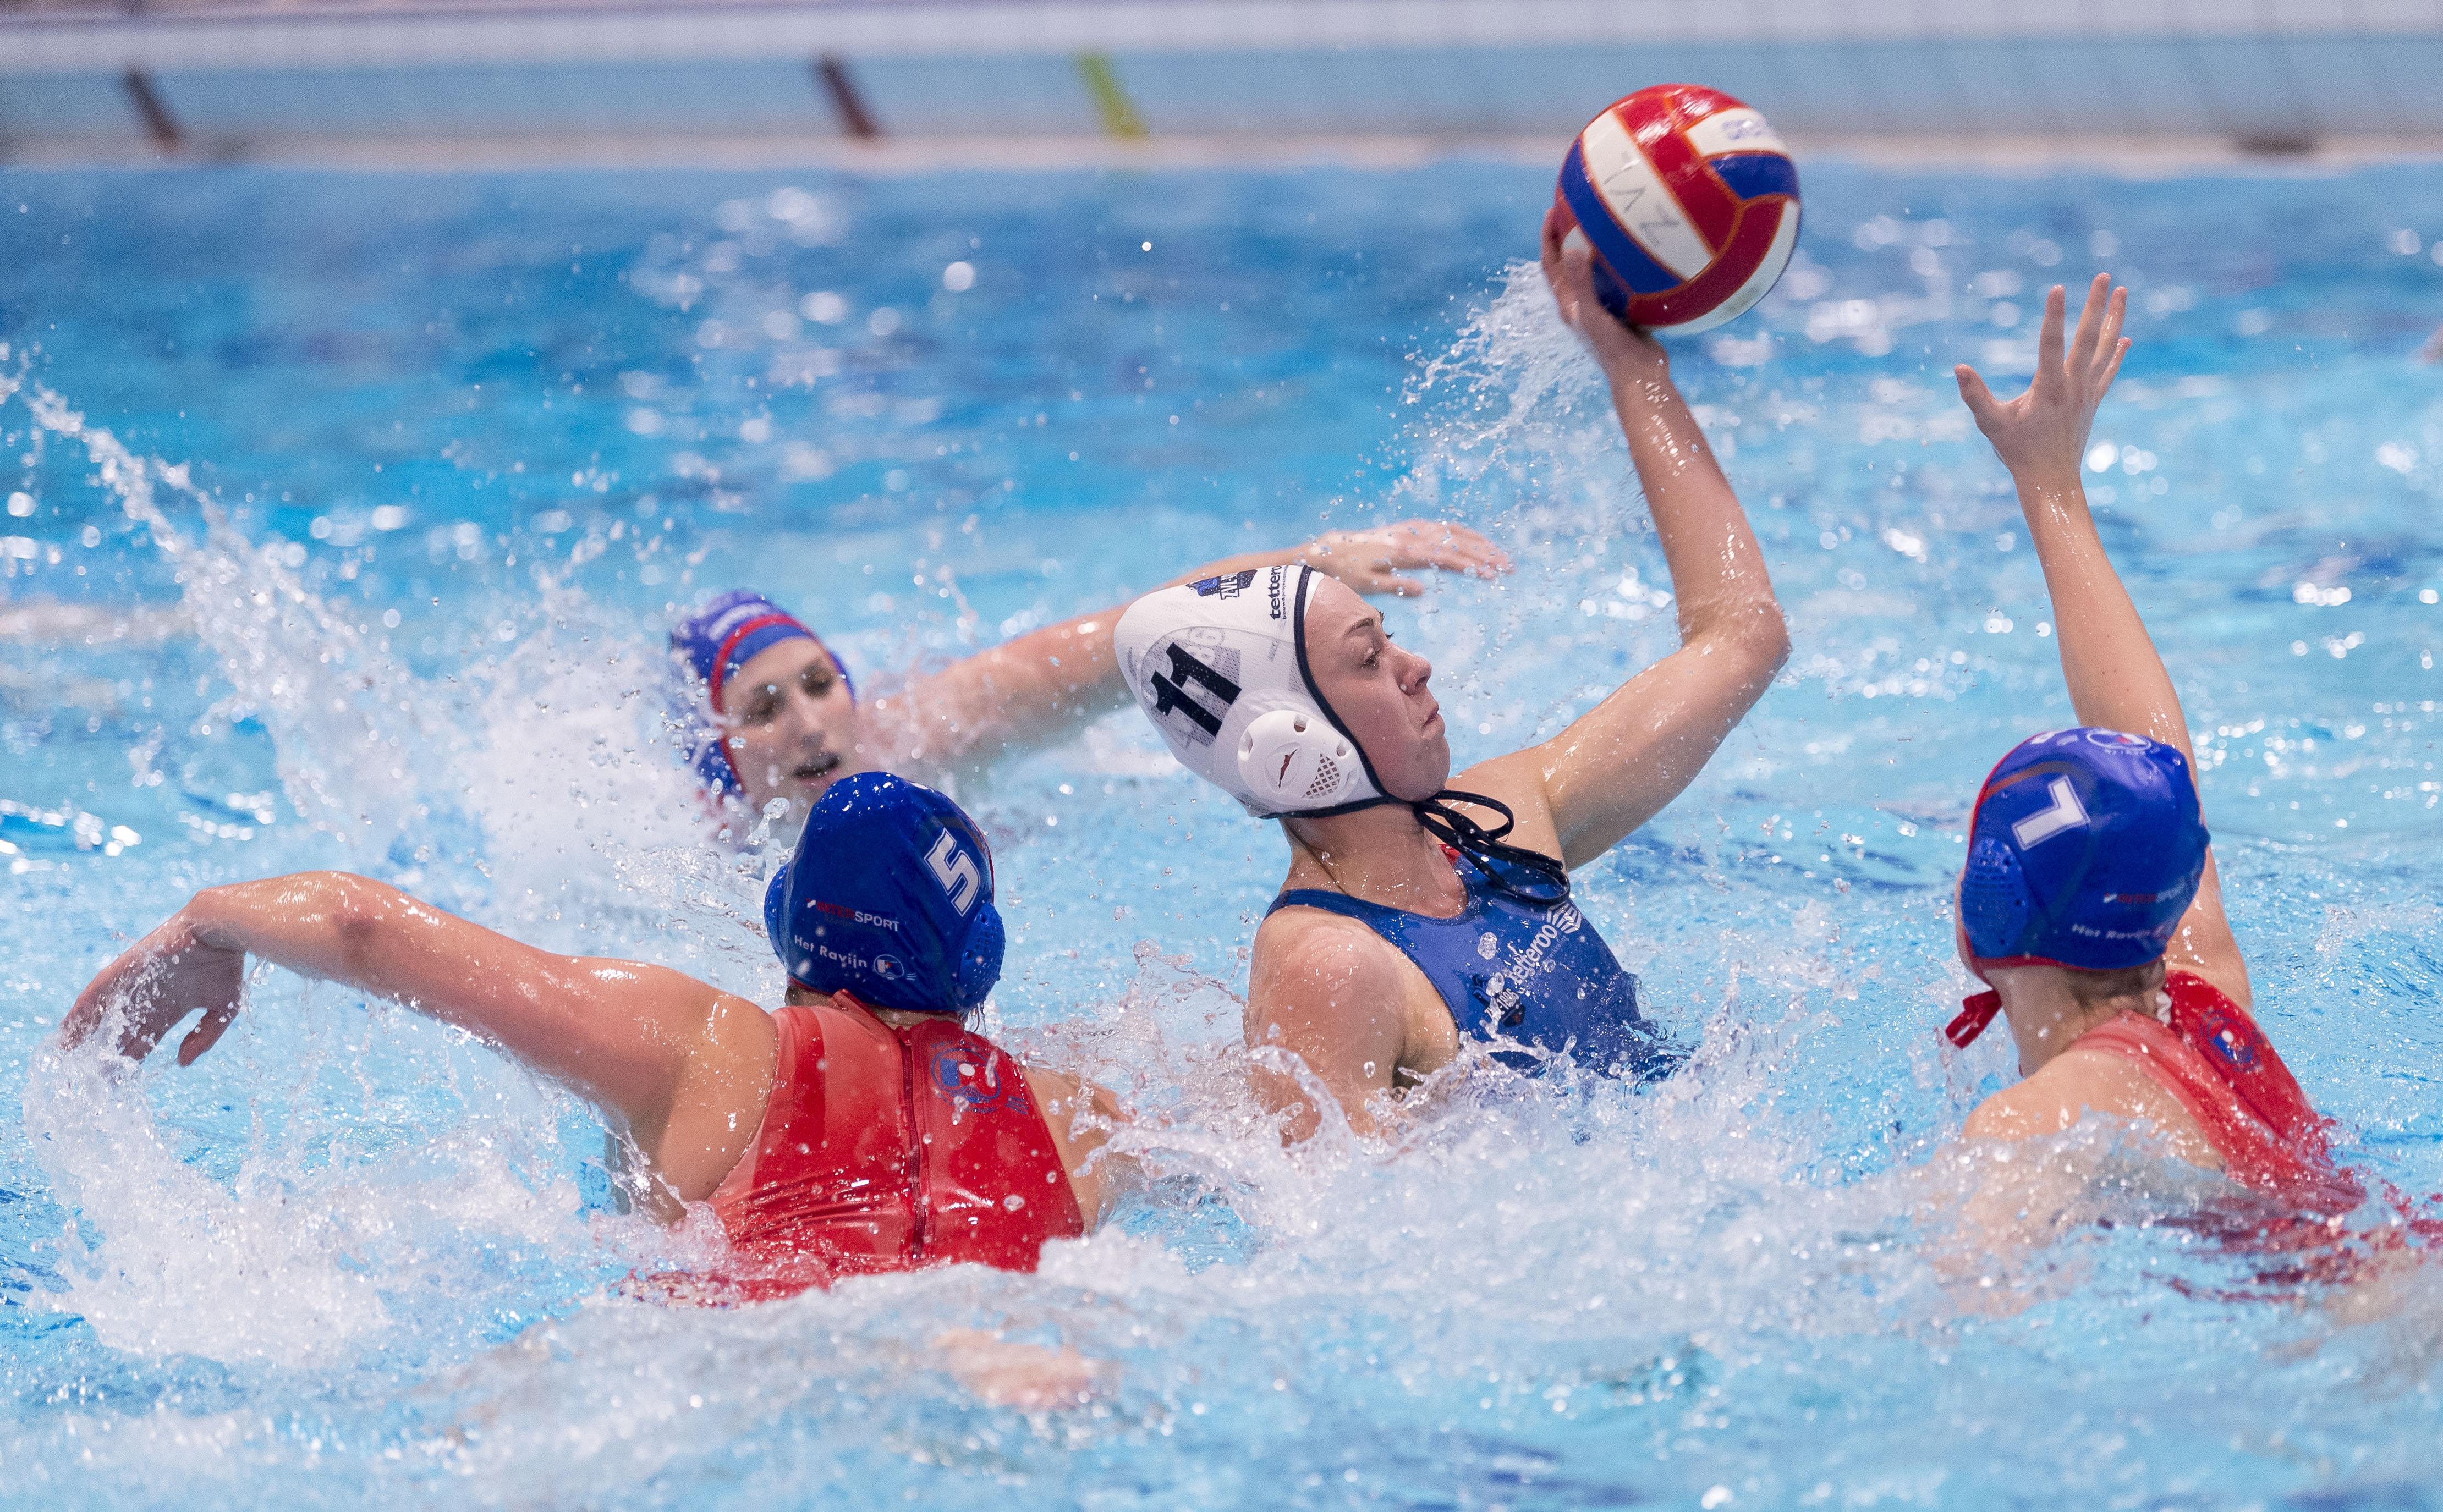 Gemengde gevoelens bij teams ZVL over start van bekercompetitie waterpolo: 'Je gaat naar het zwembad, speelt een wedstrijd en je bent weer weg. Maar dat is wat het is'